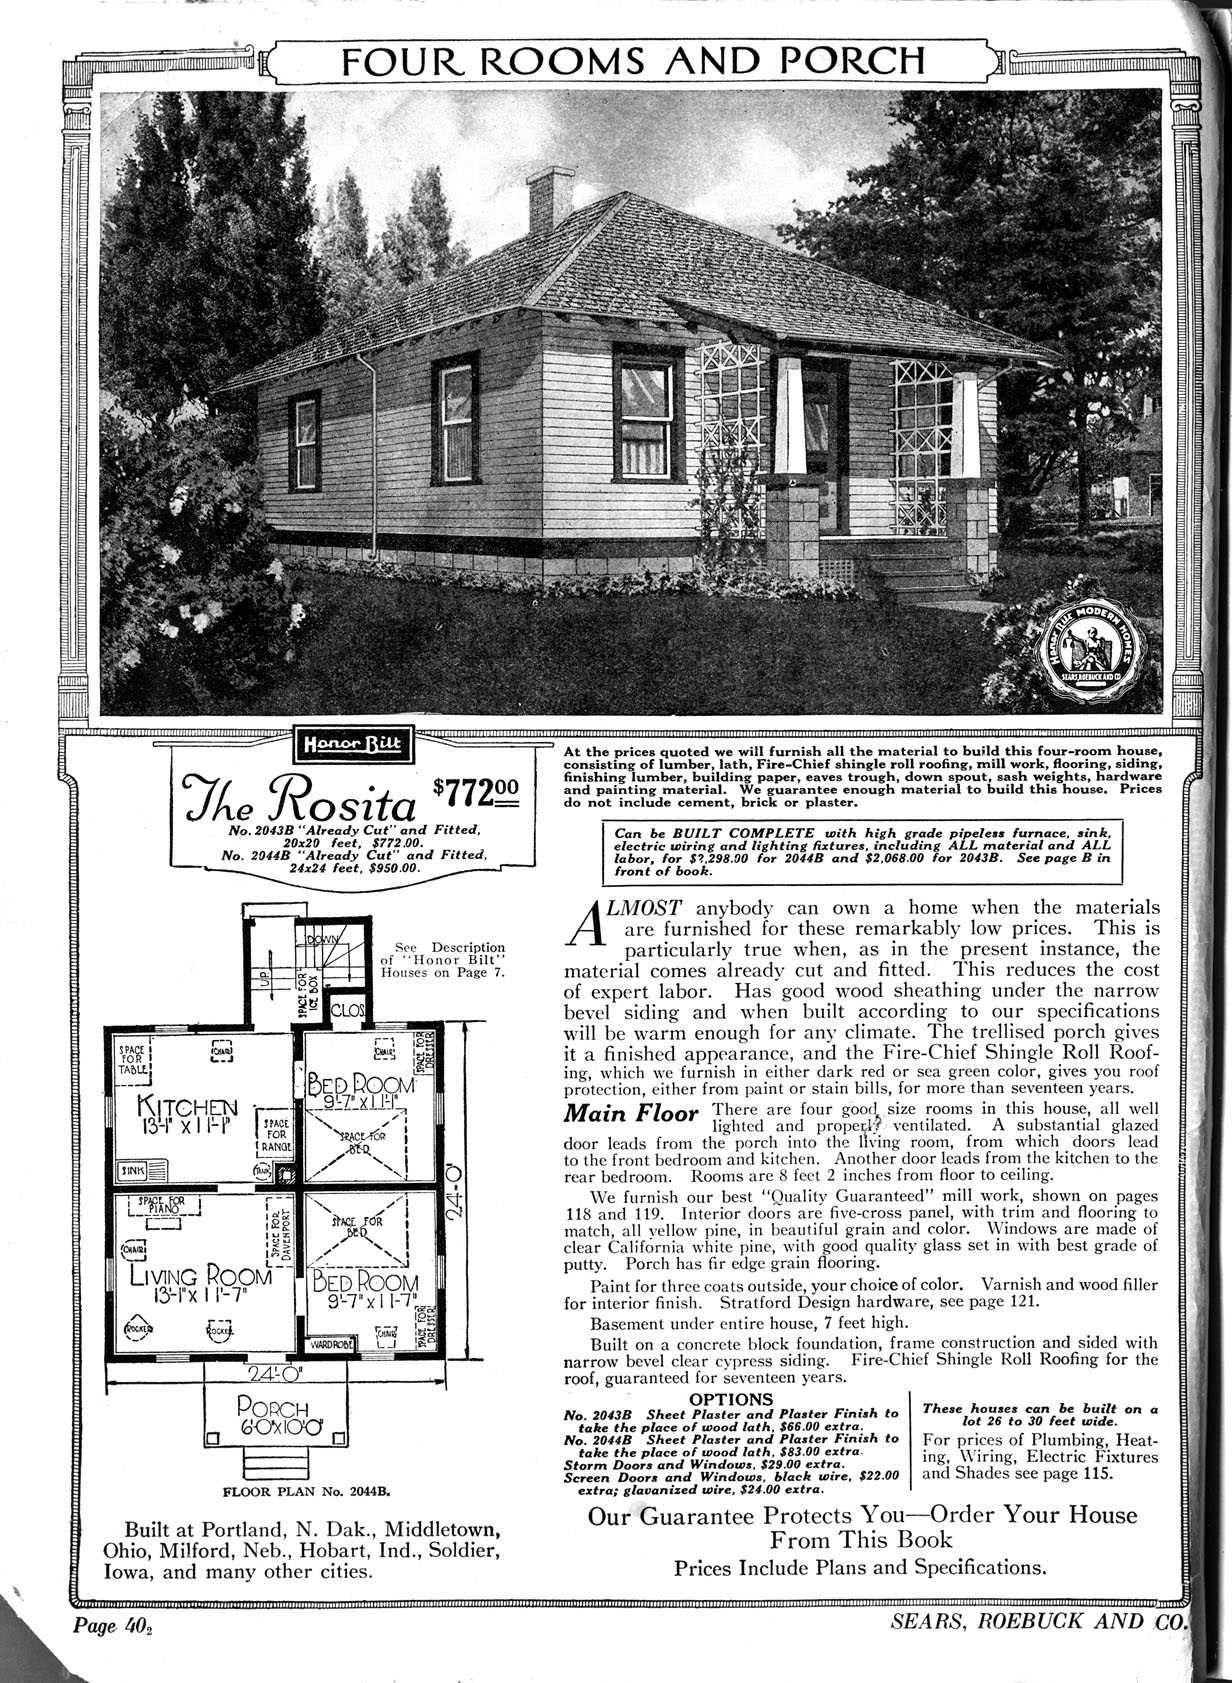 the rosita sears honor bilt kit house 1922 really looks like our rh  pinterest com